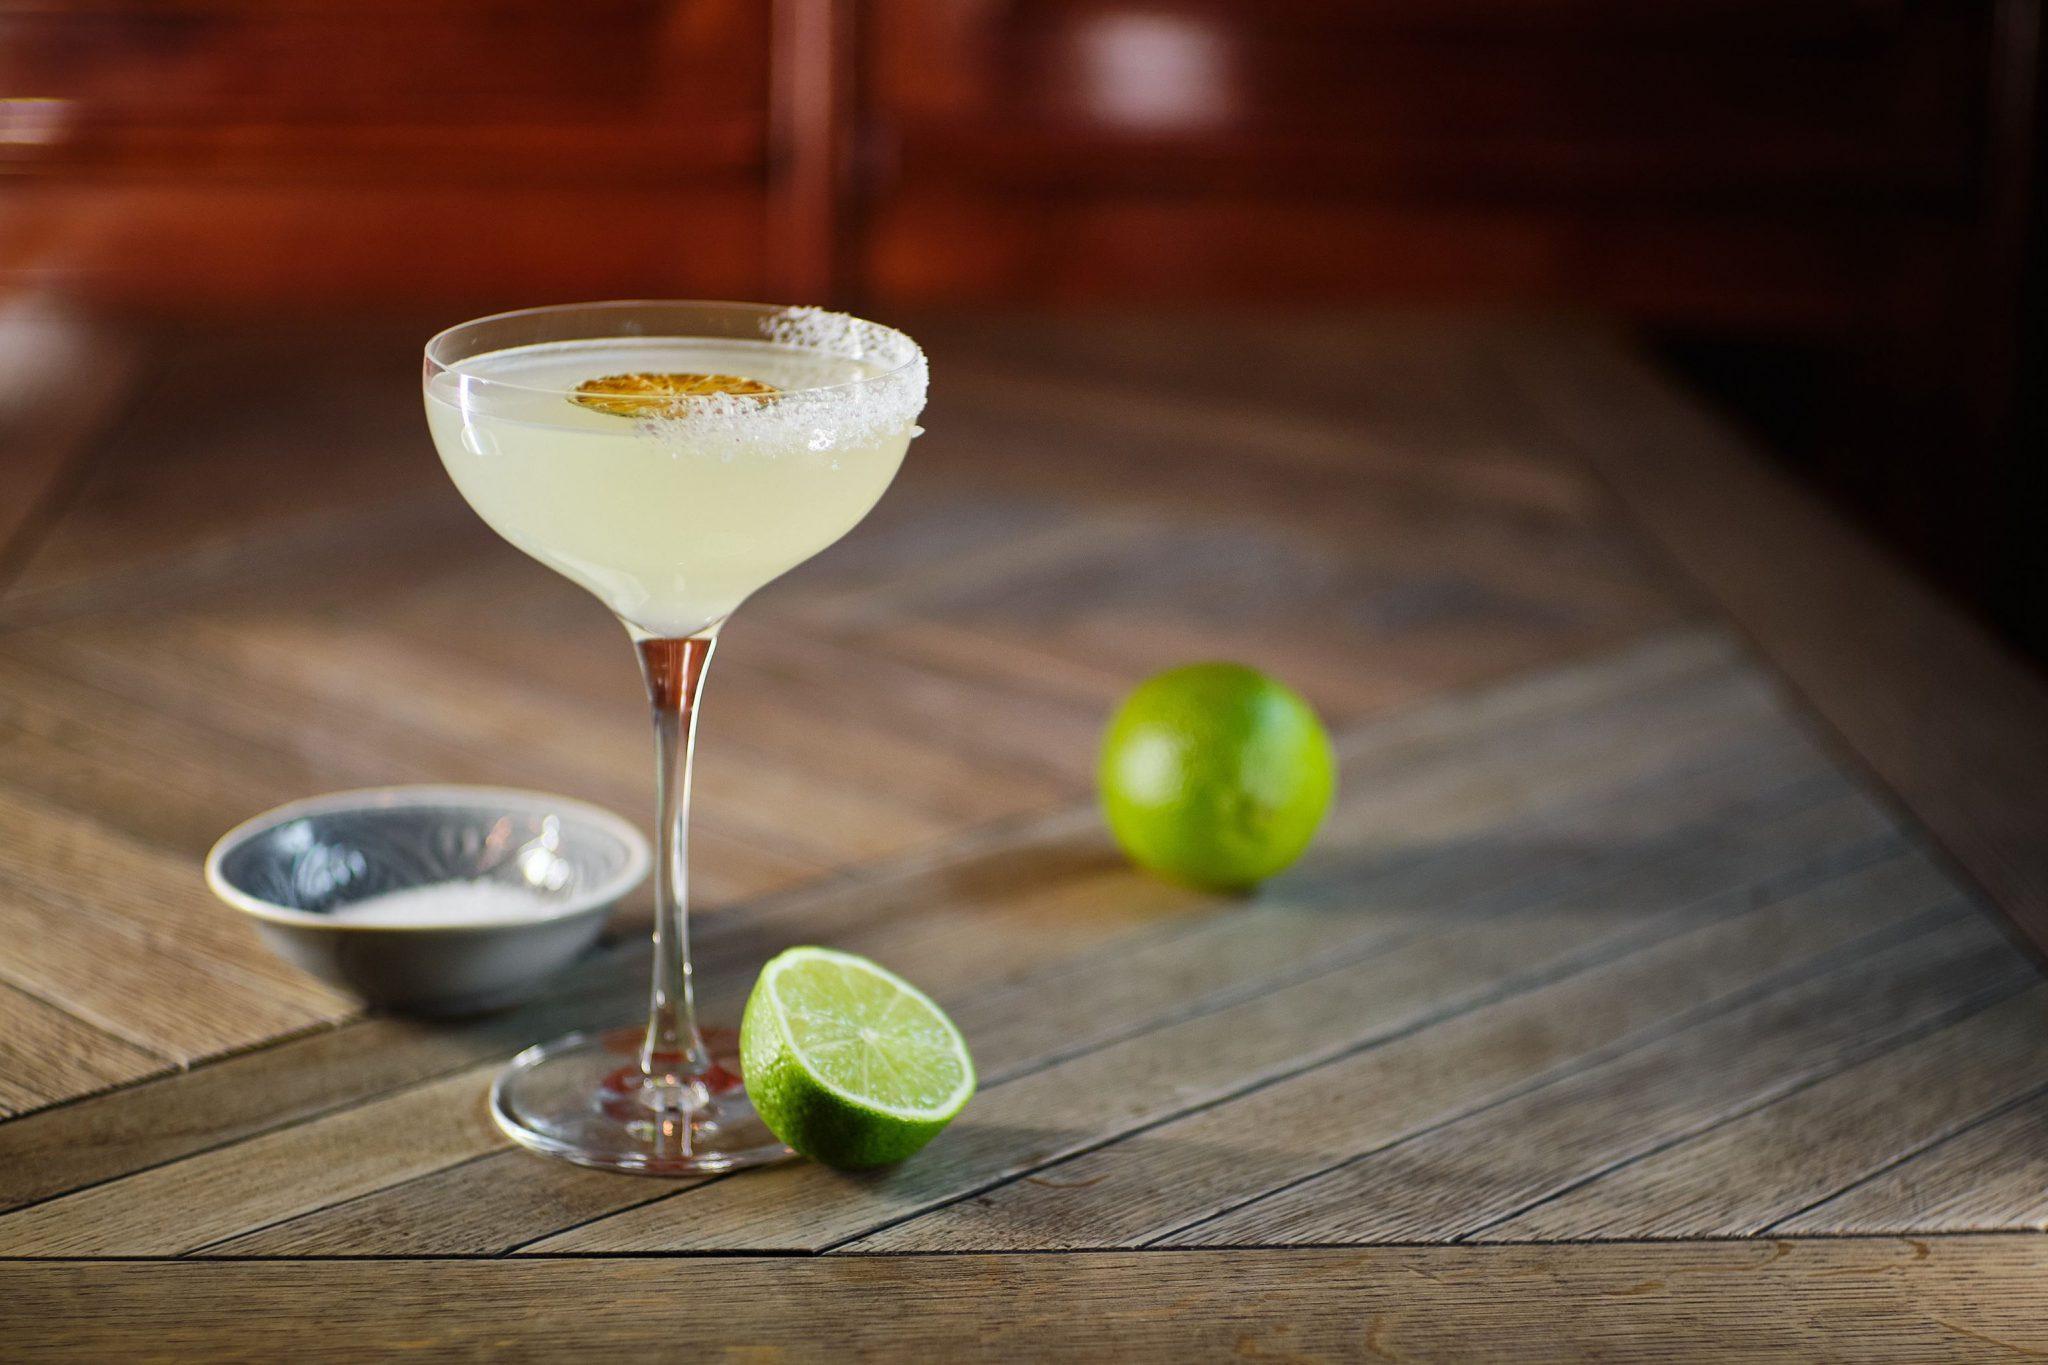 Історія коктейлю. Що таке Margarita